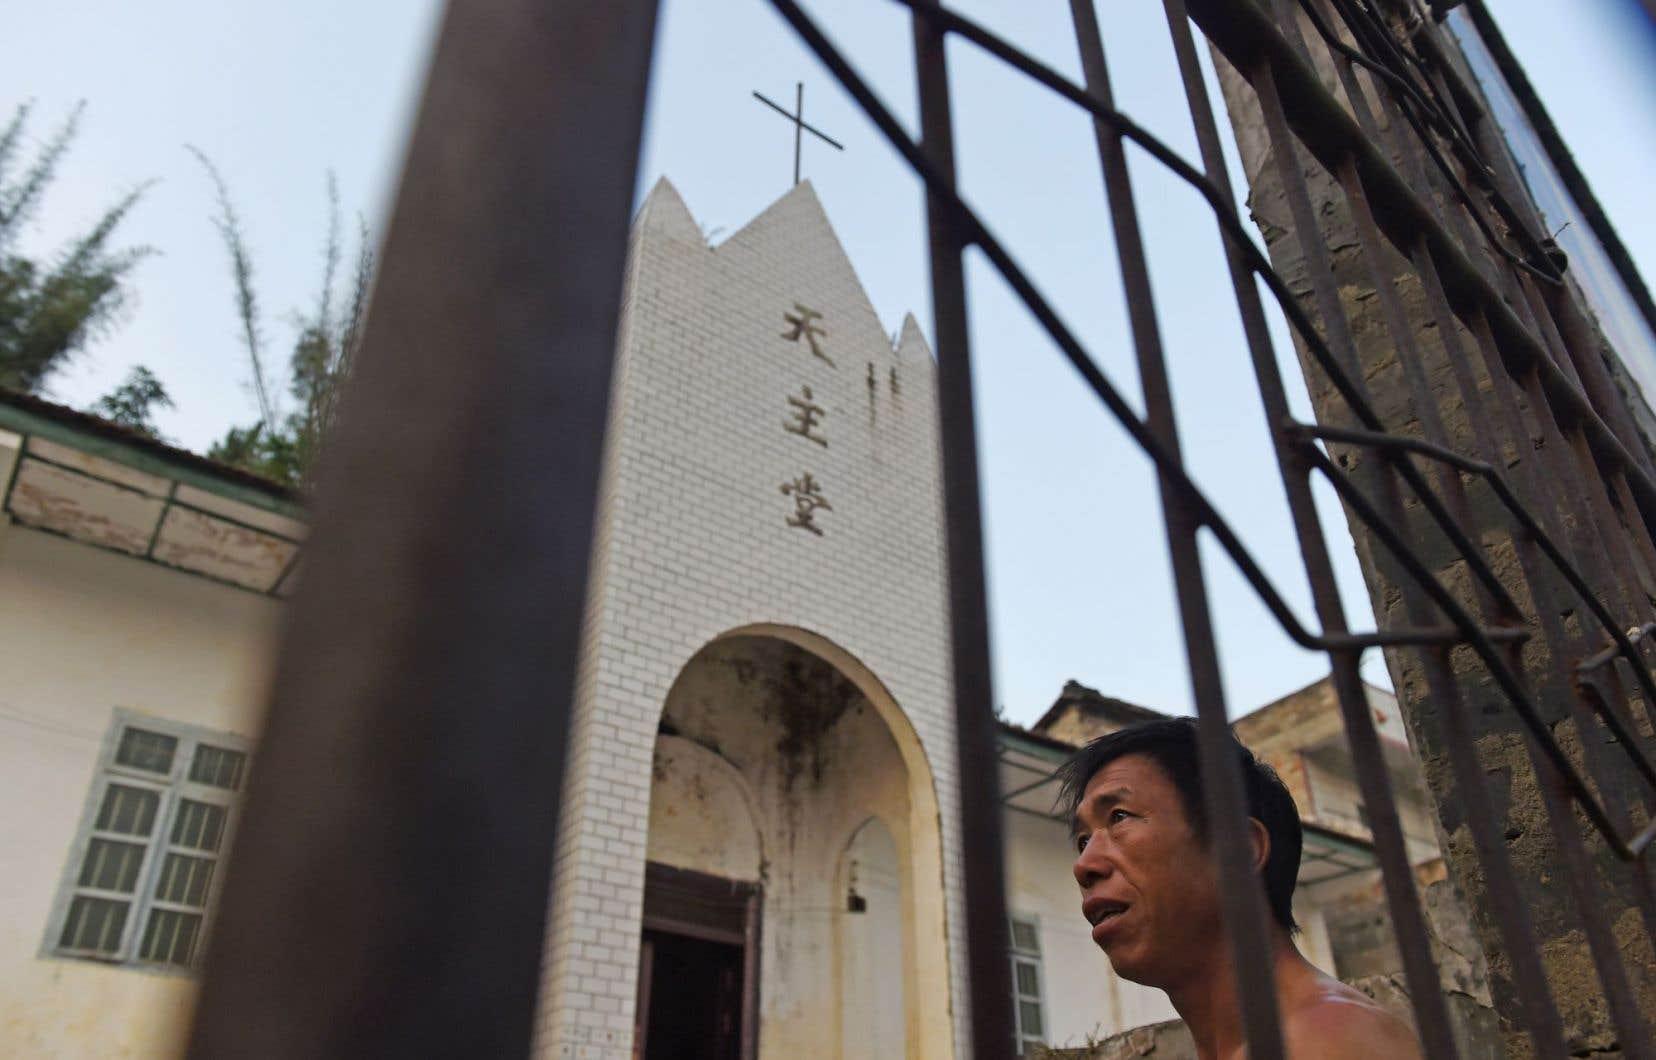 Dans le village de Changjing, où Chapdelaine a vécu et prêché, à quelques kilomètres de Dingan, la population, qui reste majoritairement catholique, se dit abasourdie par les récentes initiatives gouvernementales pour incriminer Chapdelaine.